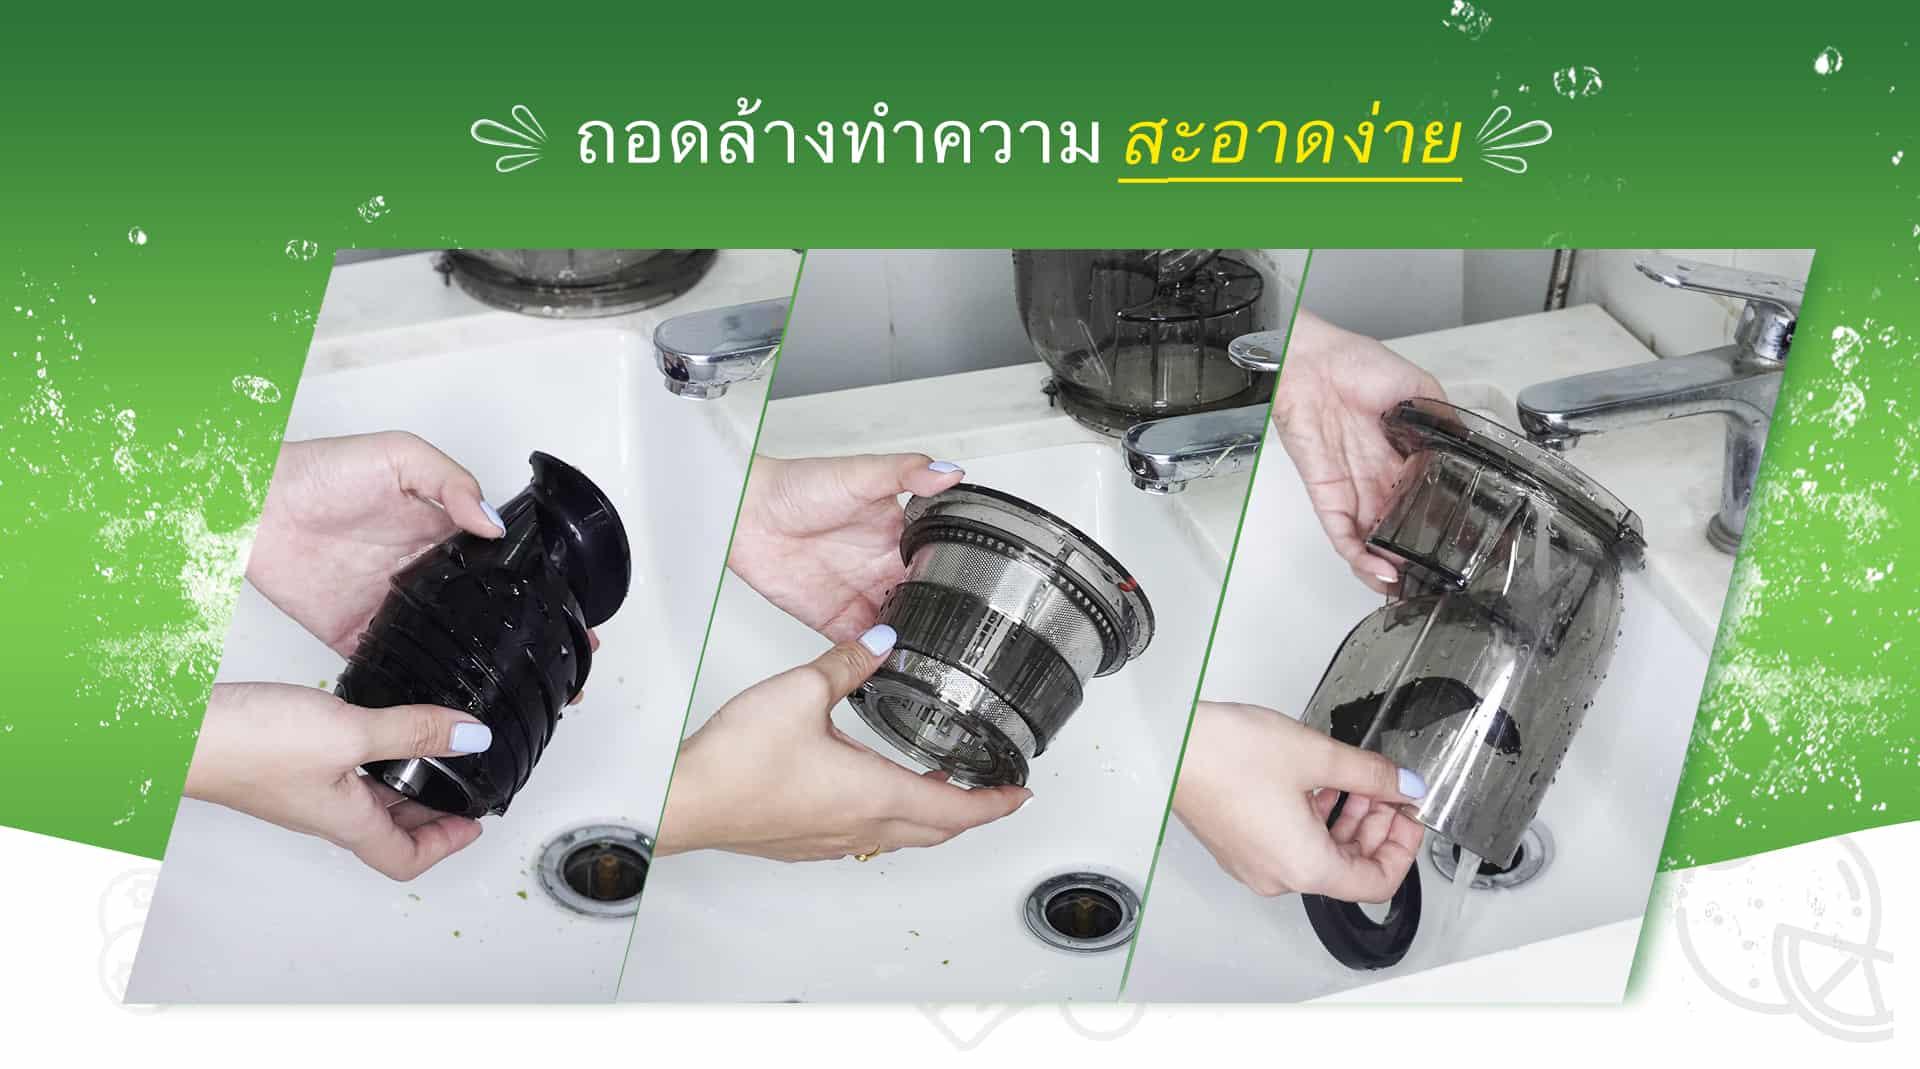 ทำความสะอาดง่าย-เครื่องคั้นน้ำผักผลไม้แยกกาก